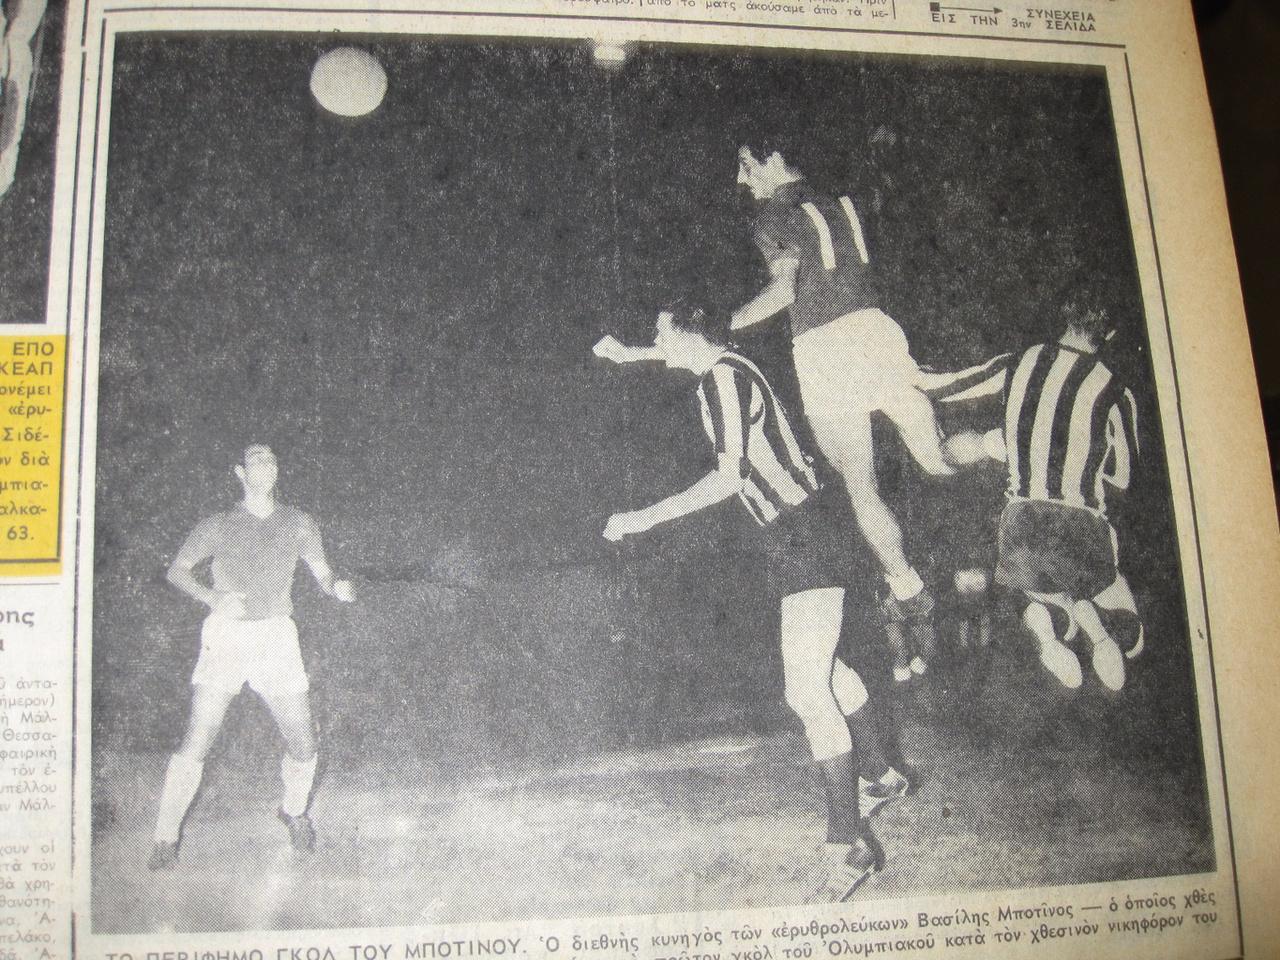 παοκ ολυμπιακοσ γκολ: ερυθρολευκο μετεριζι: ΣΑΝ ΣΗΜΕΡΑ ΤΟ 1944